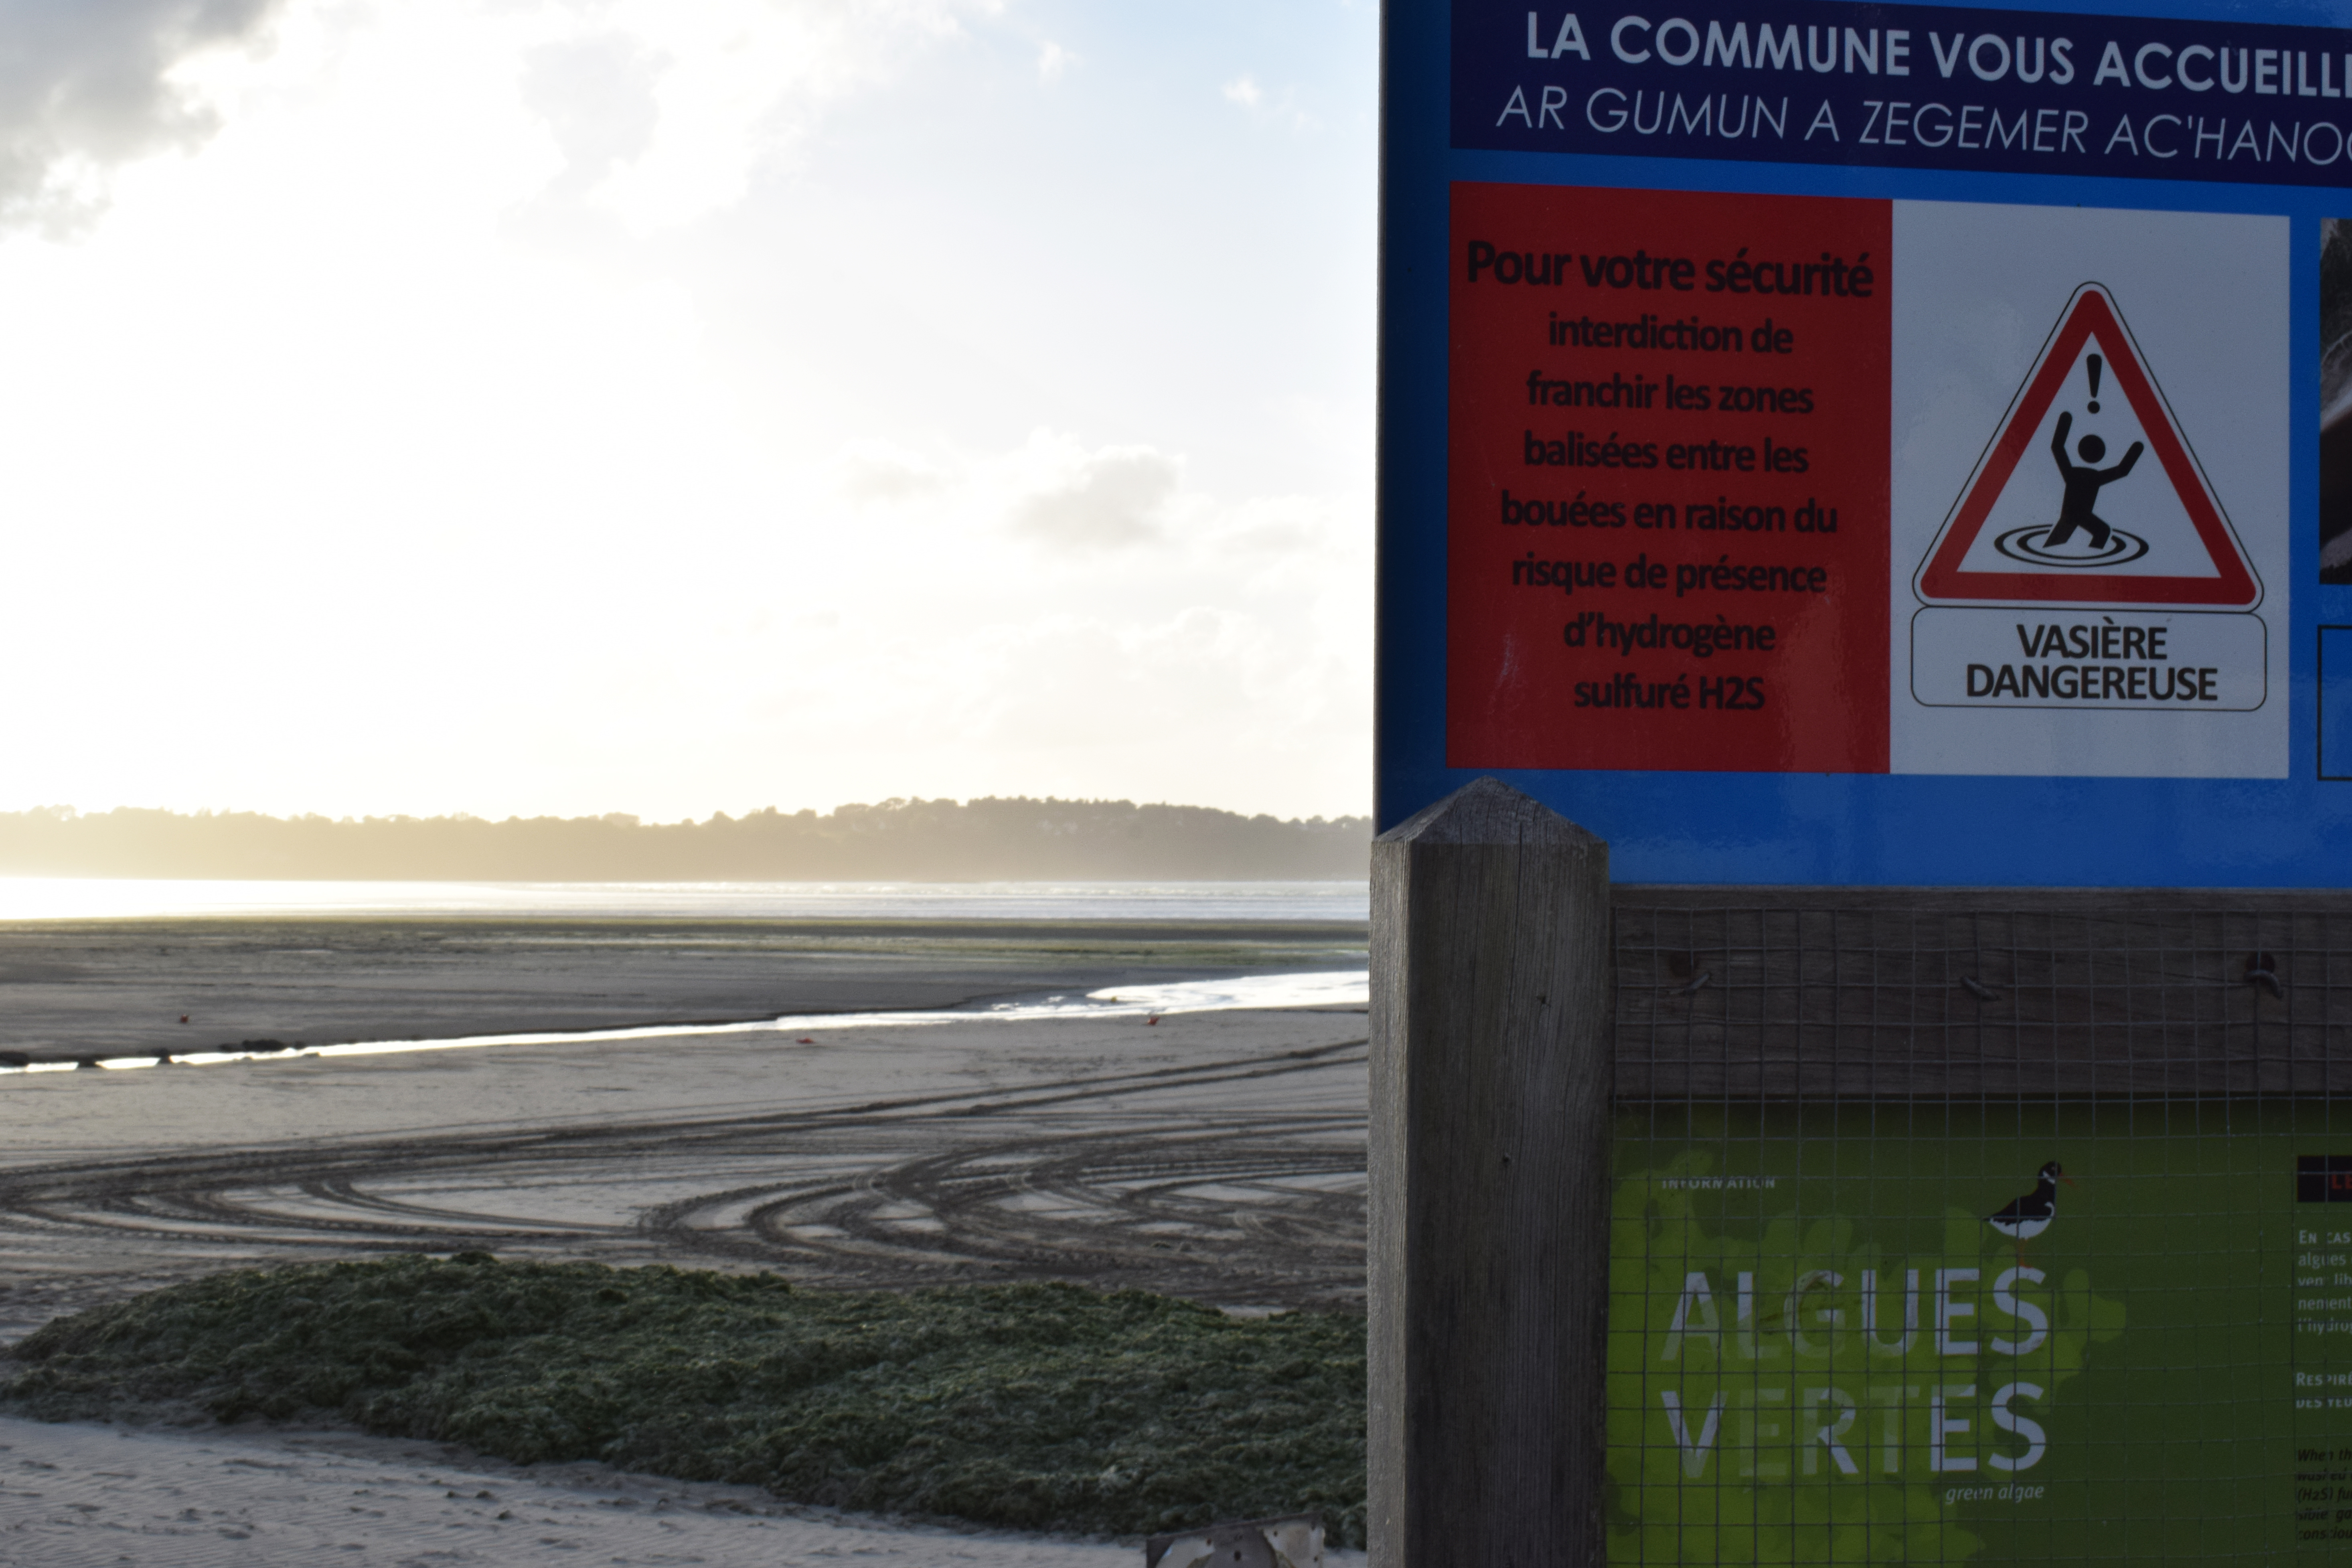 Le long de la baie de Saint-Michel-en-Grève, des panneaux de signalisation alertent sur les algues vertes. © Aurélien Defer